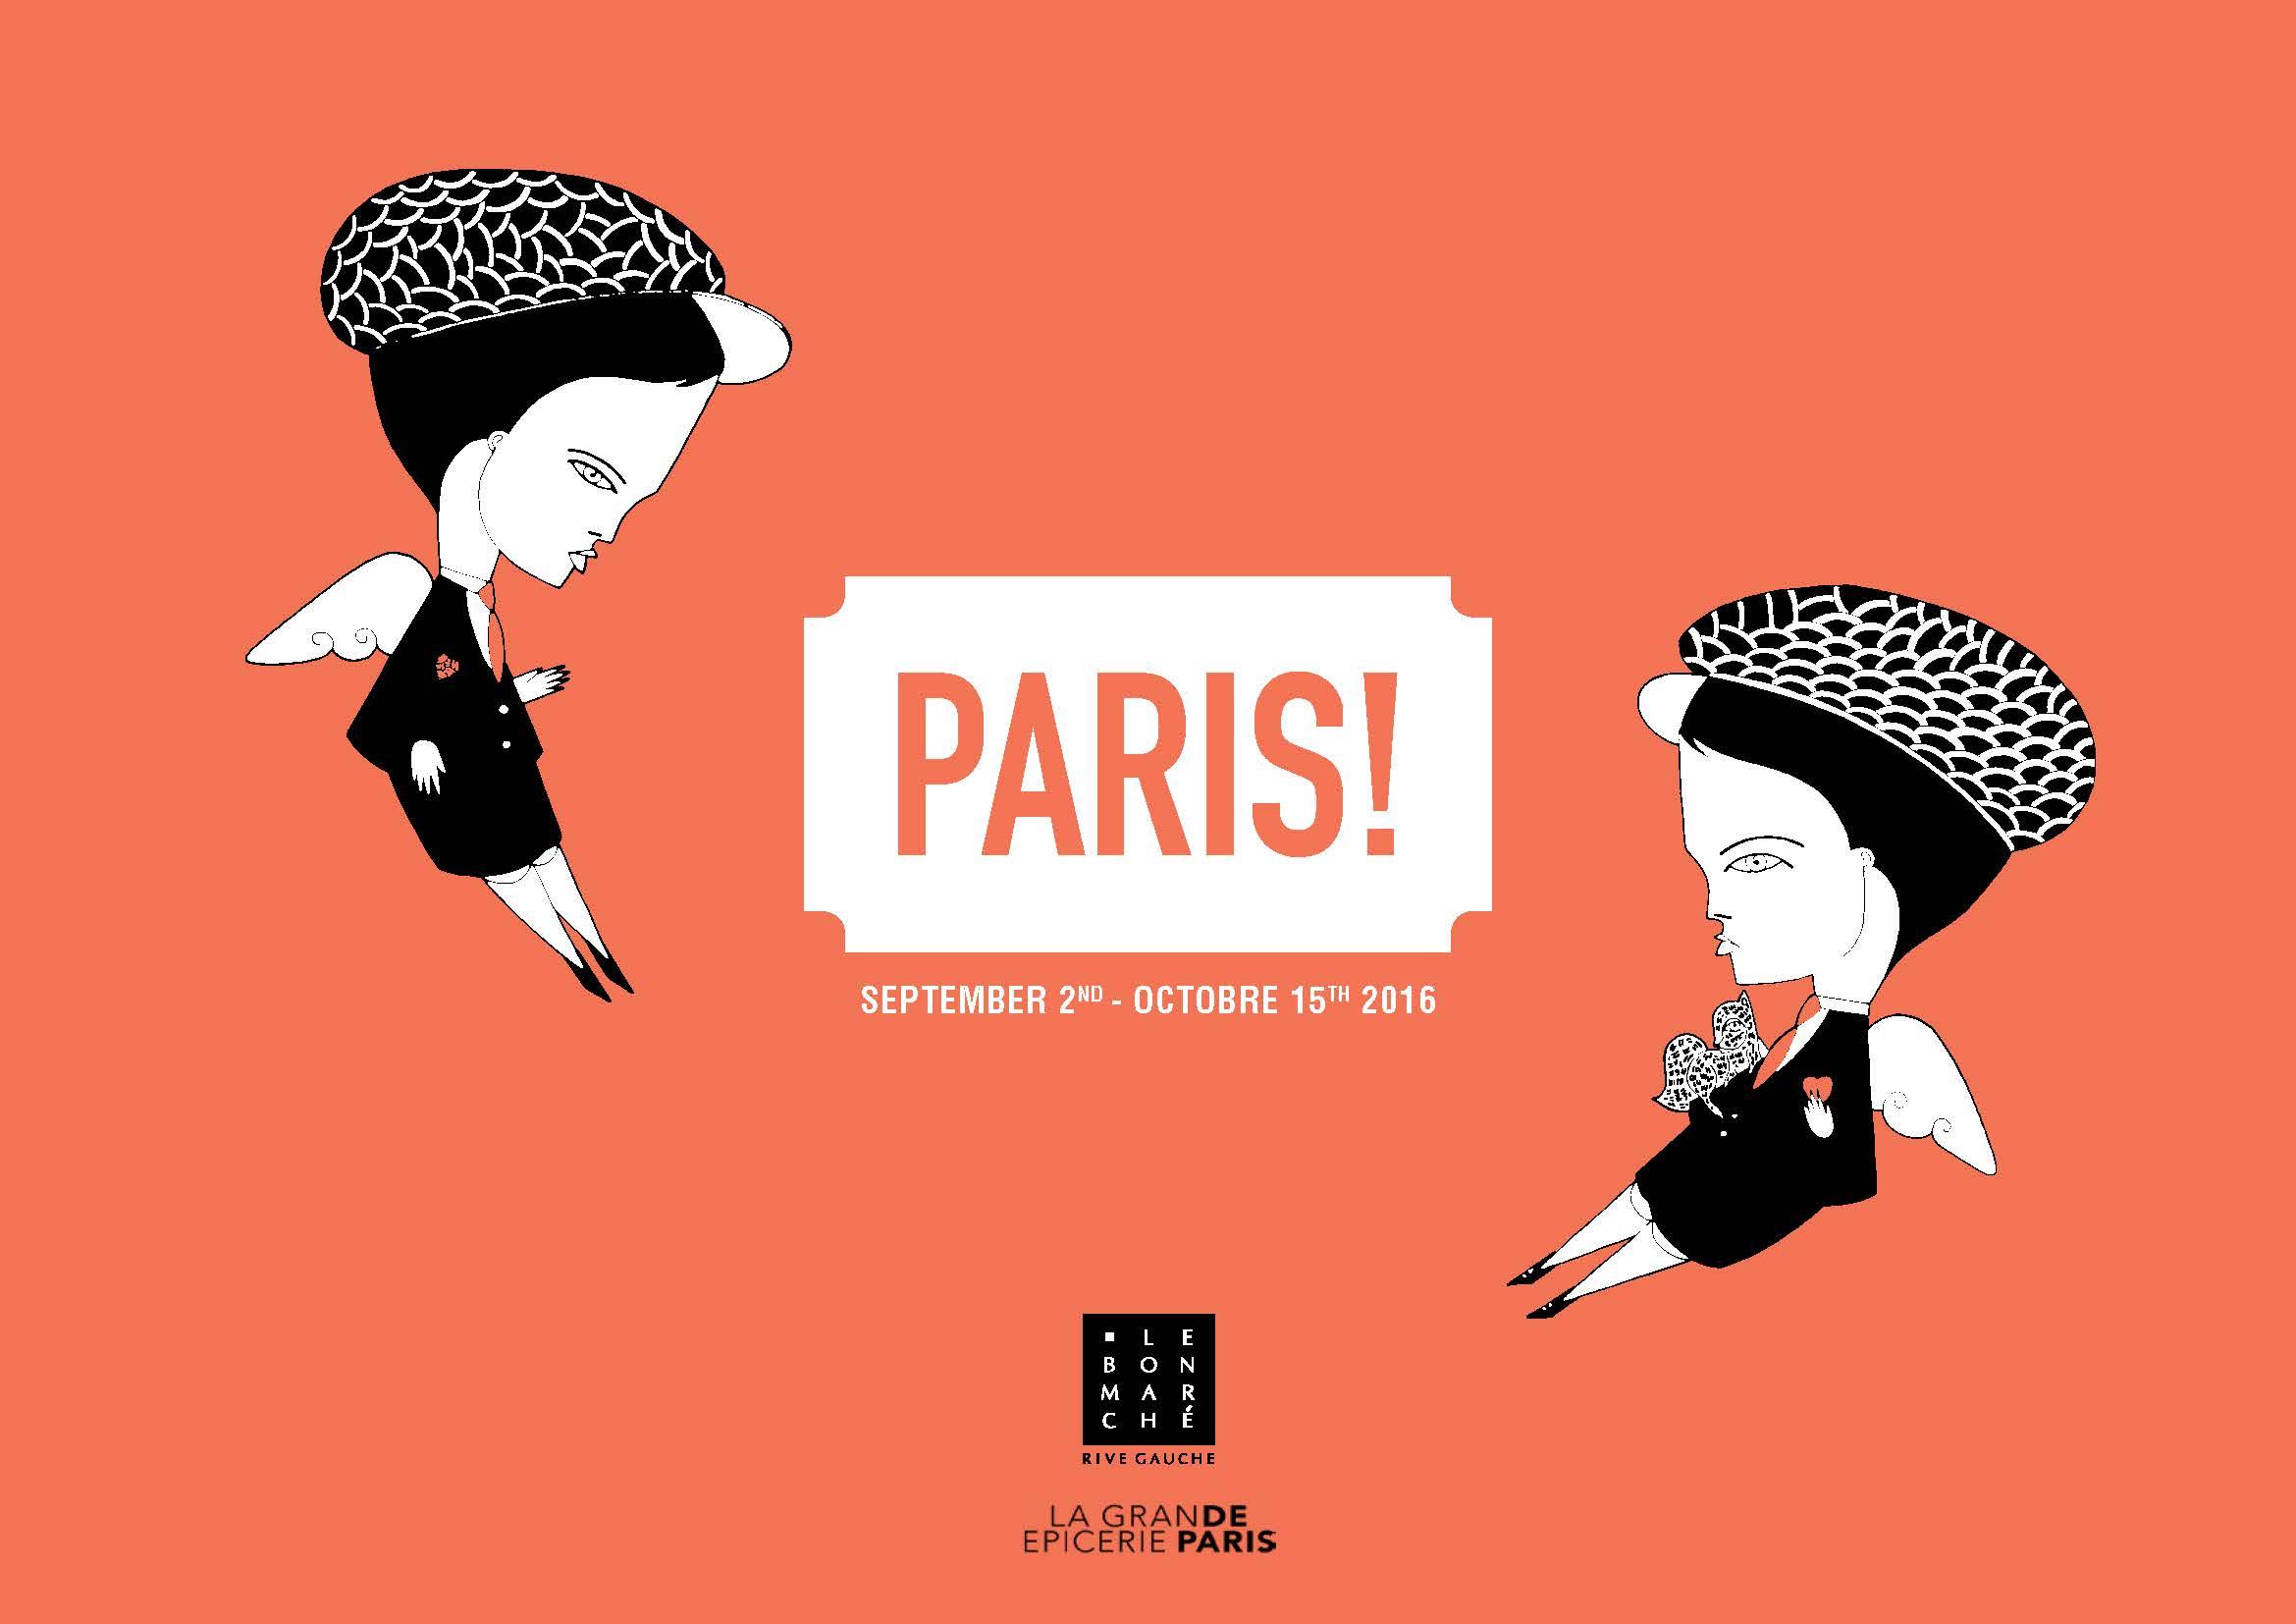 Exposition paris au bon march rive gauche du 2 09 au for Adresse paris expo